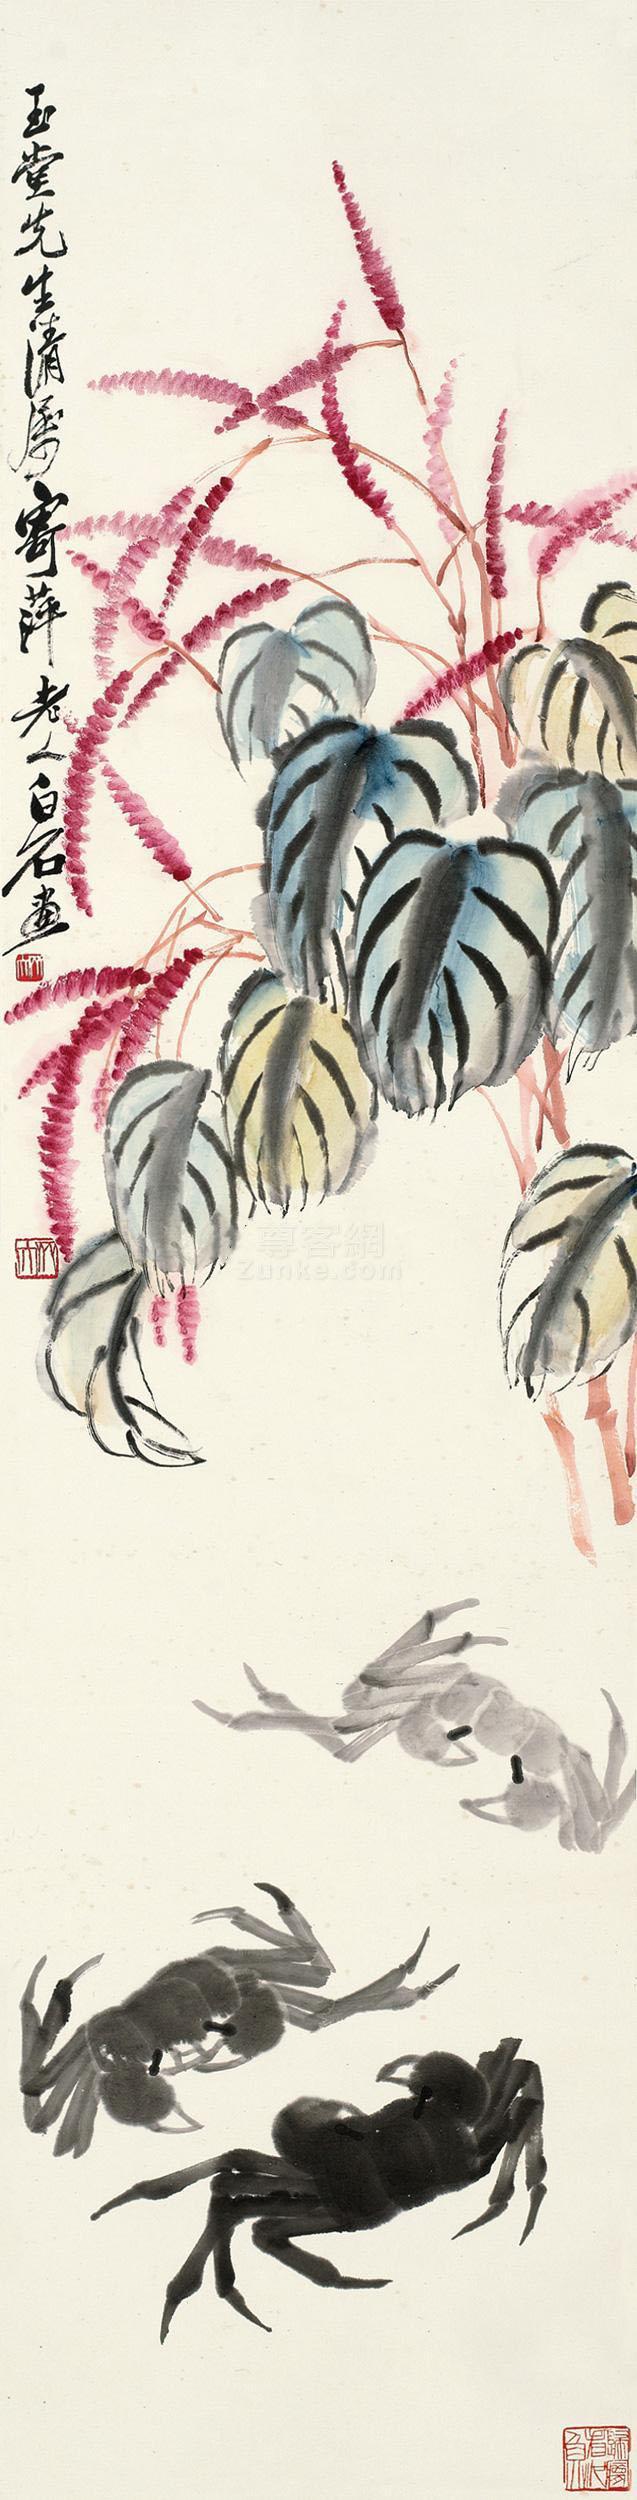 齐白石 蓼花秋蟹 立轴 设色纸本作品欣赏